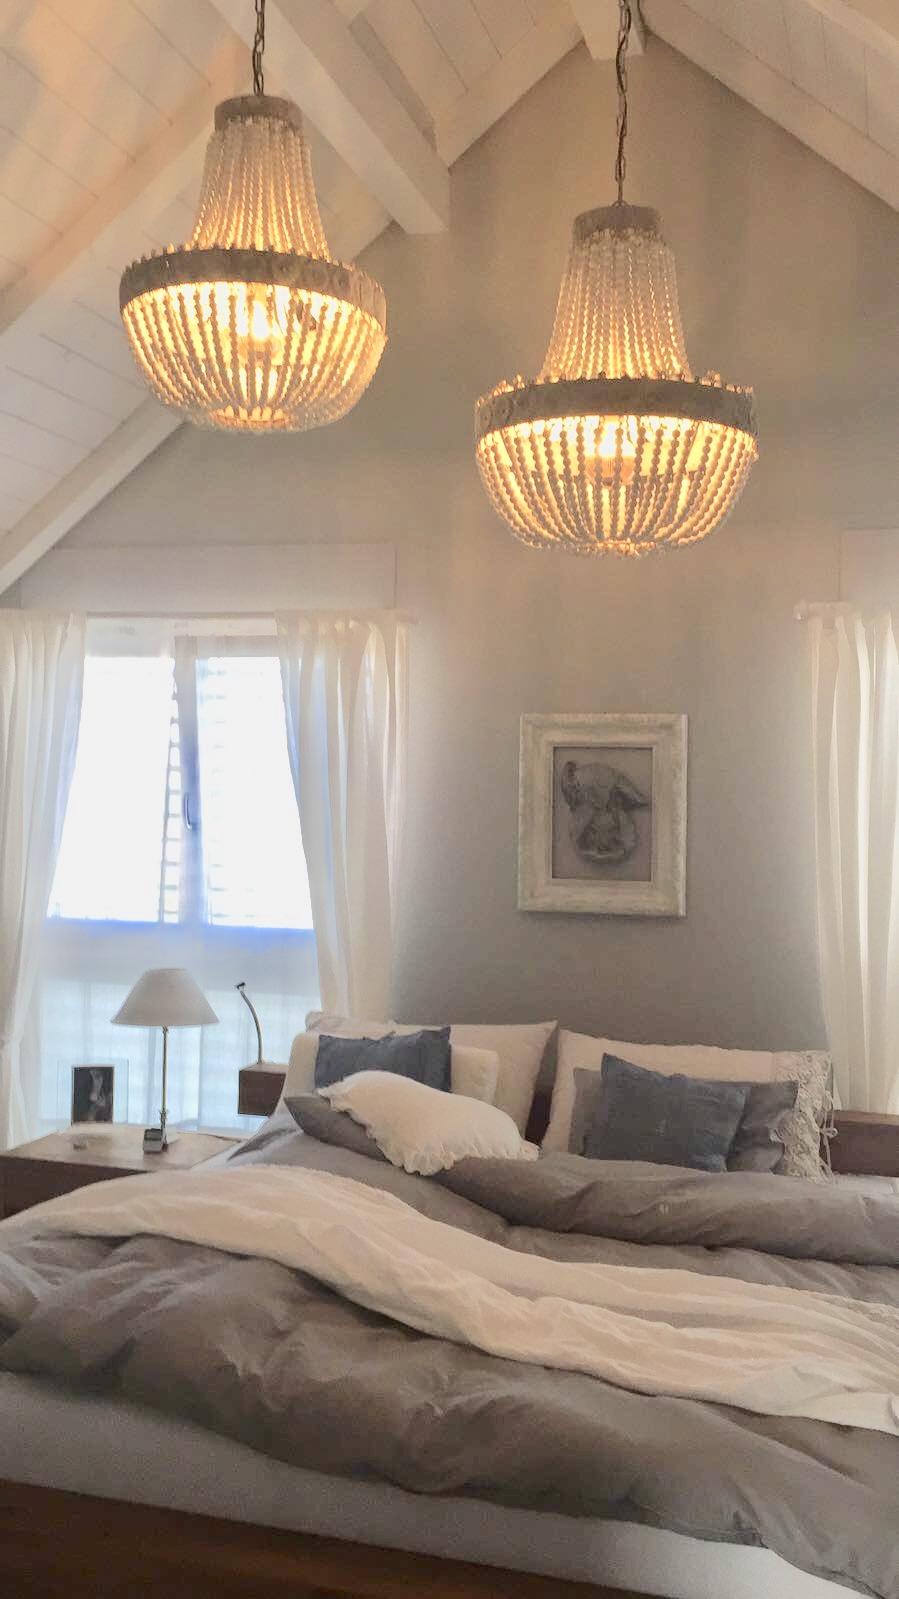 stimmiges neues Woglfühlkonzept im Schlafzimmer umgesetzt